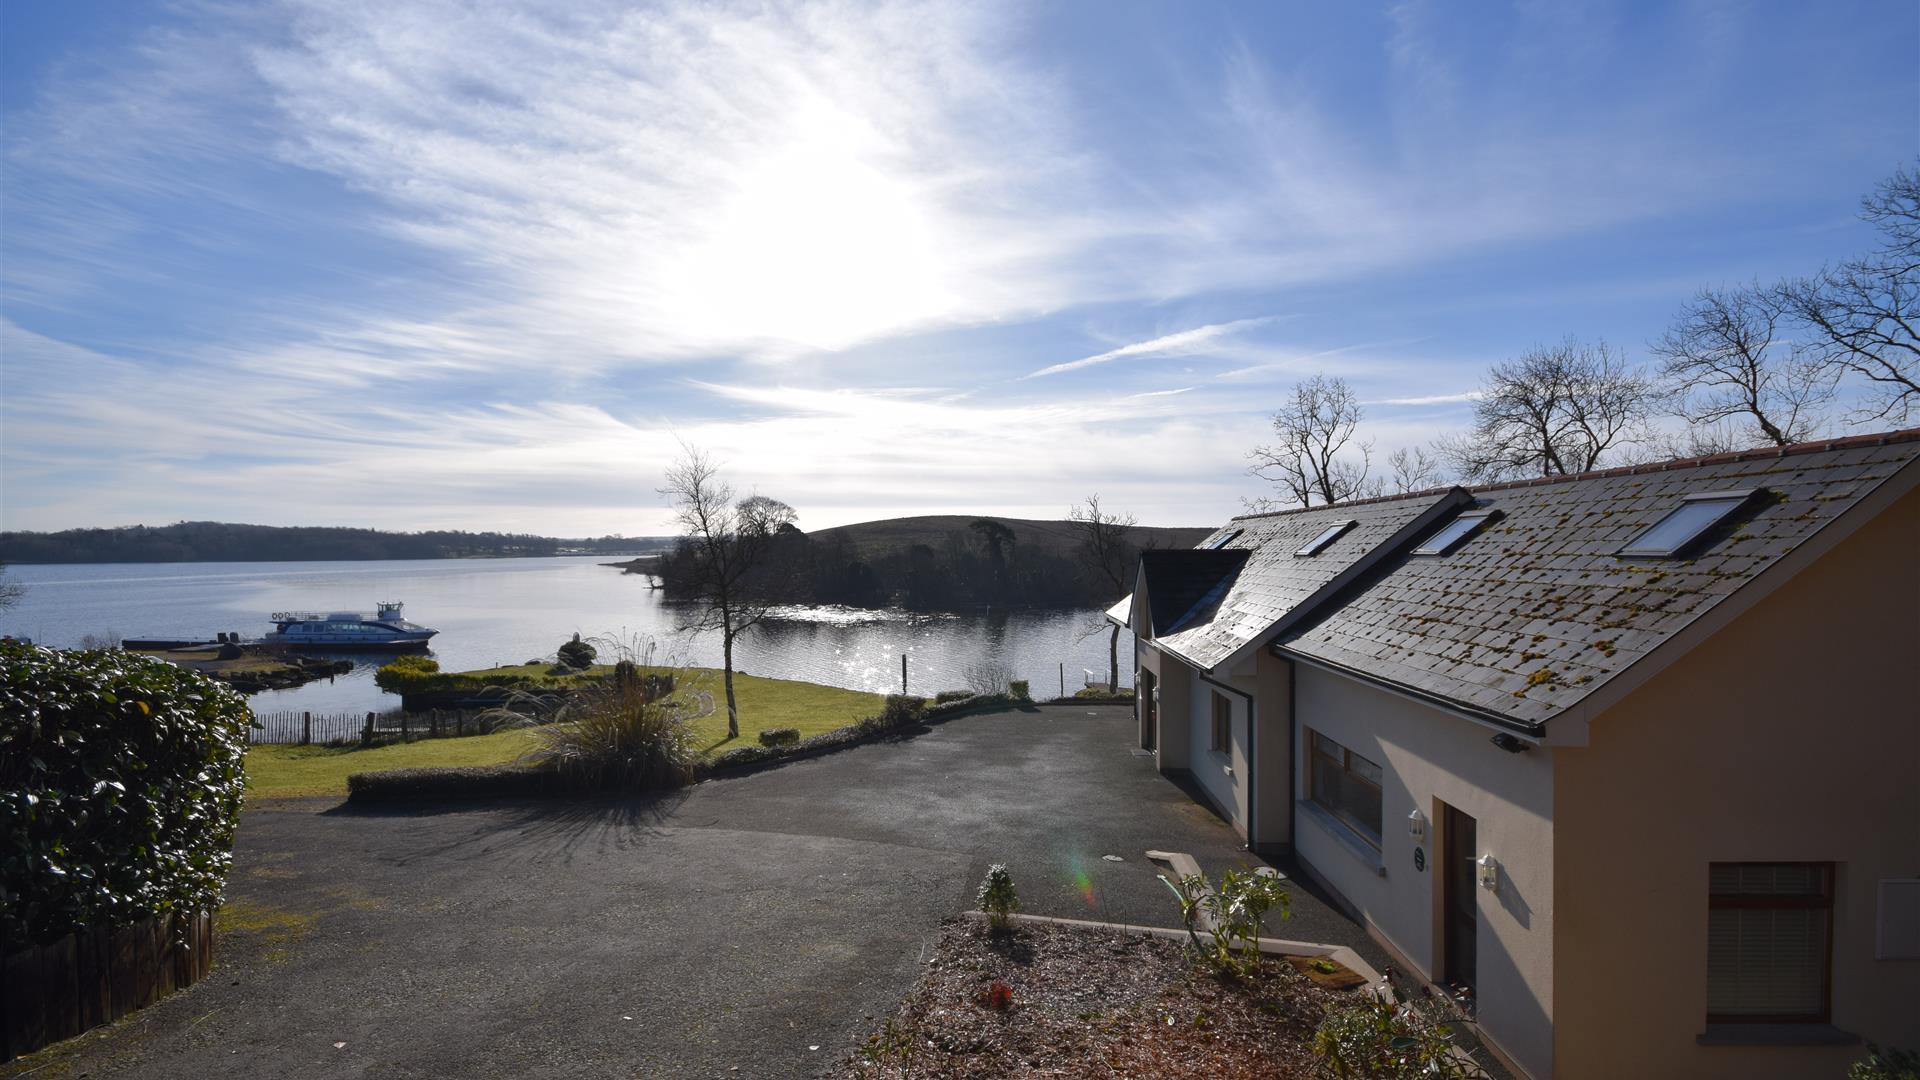 Inishclare Cottages - Unit 1